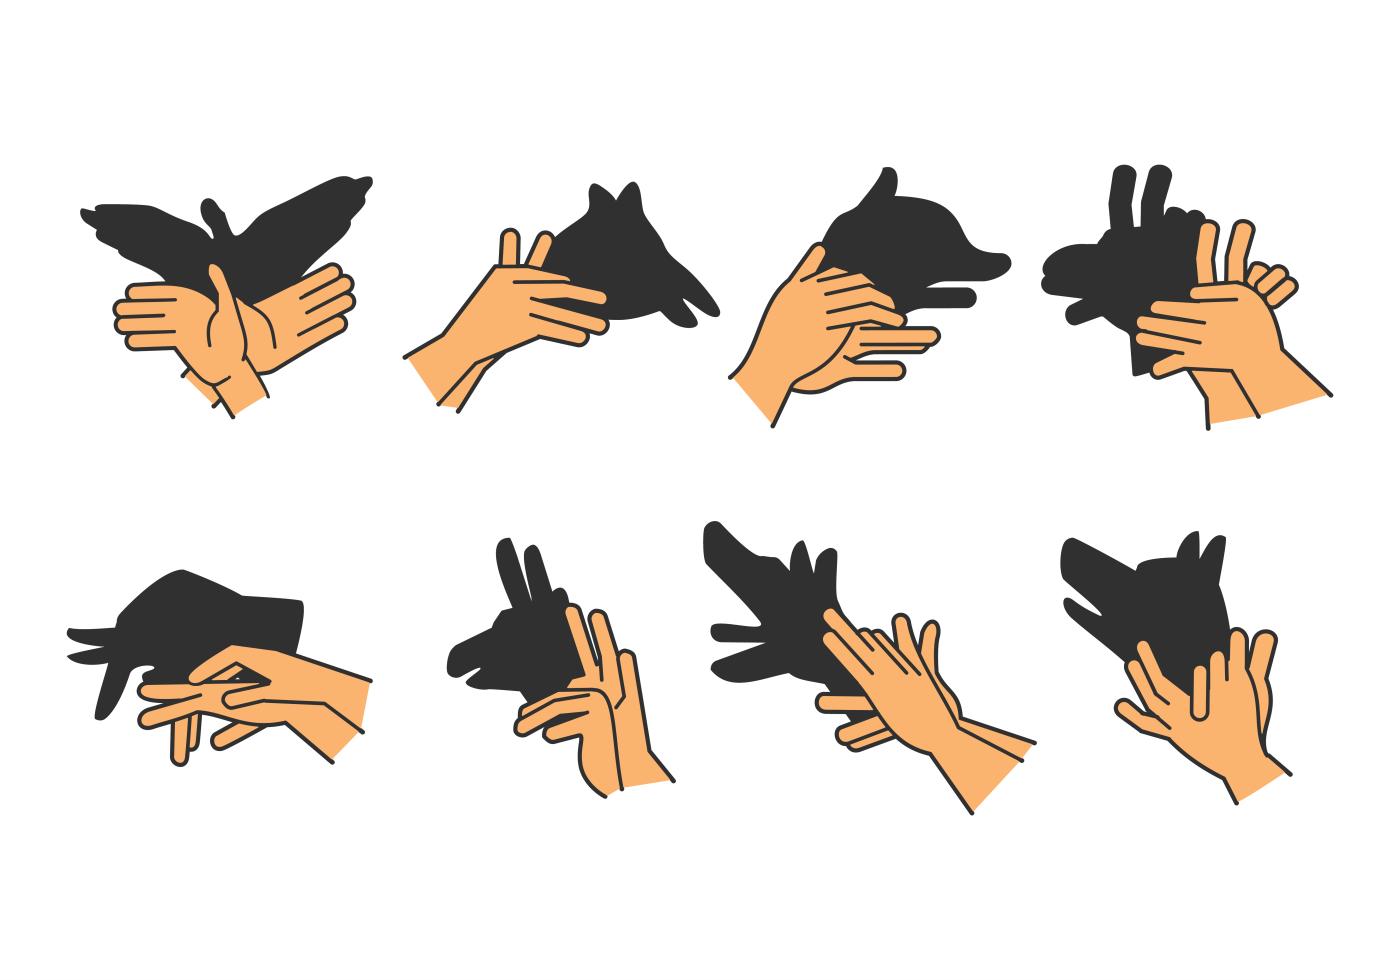 Set of Shadow Hand Puppet Vol. 2 - Download Free Vectors, Clipart ...